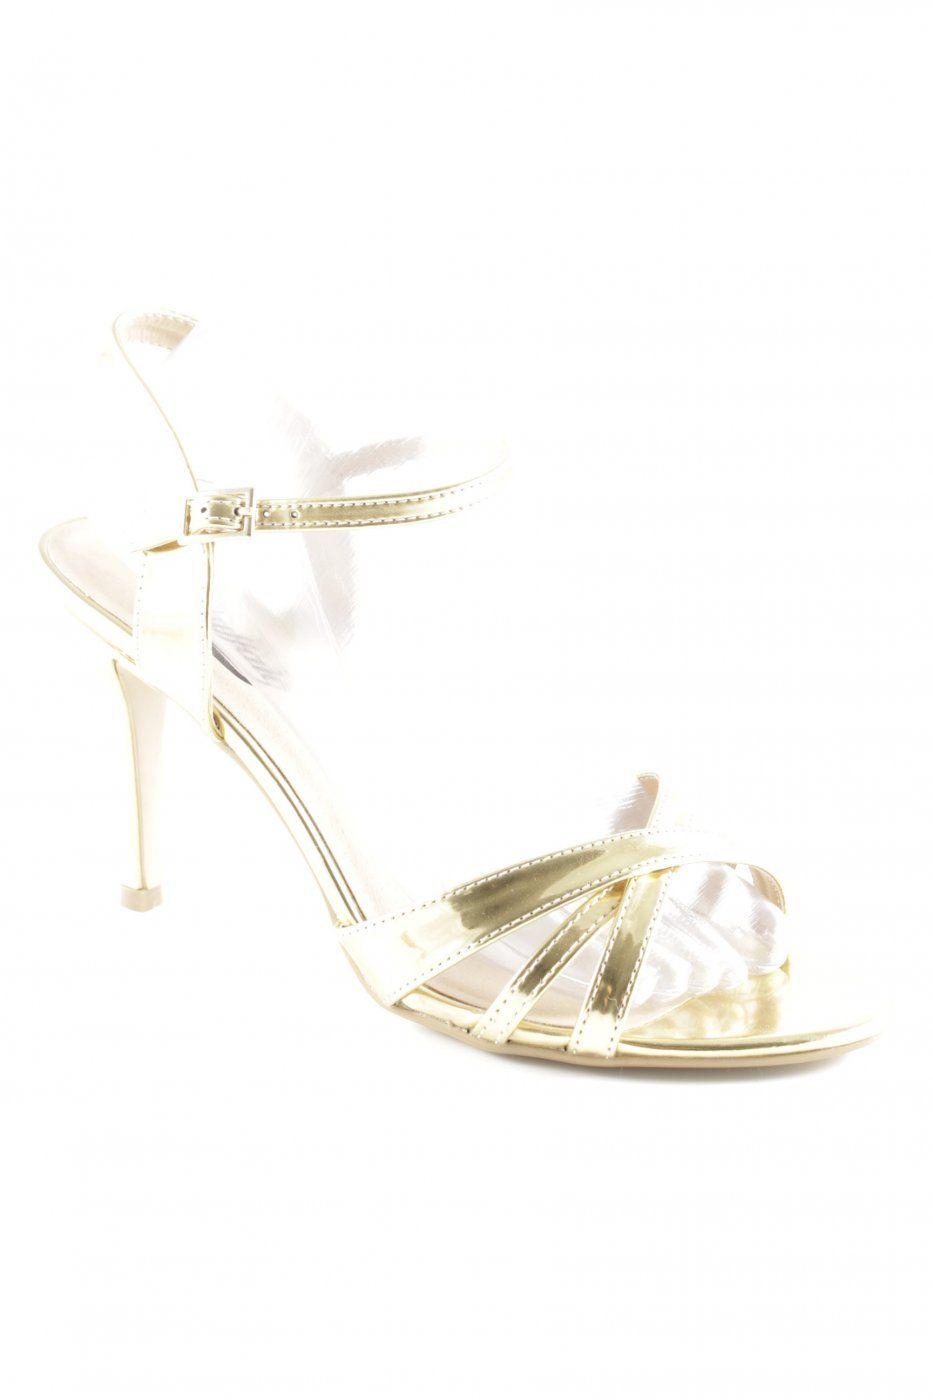 Buffalo London Riemchen-Sandaletten goldfarben extravaganter Stil | Mädchenflohmarkt